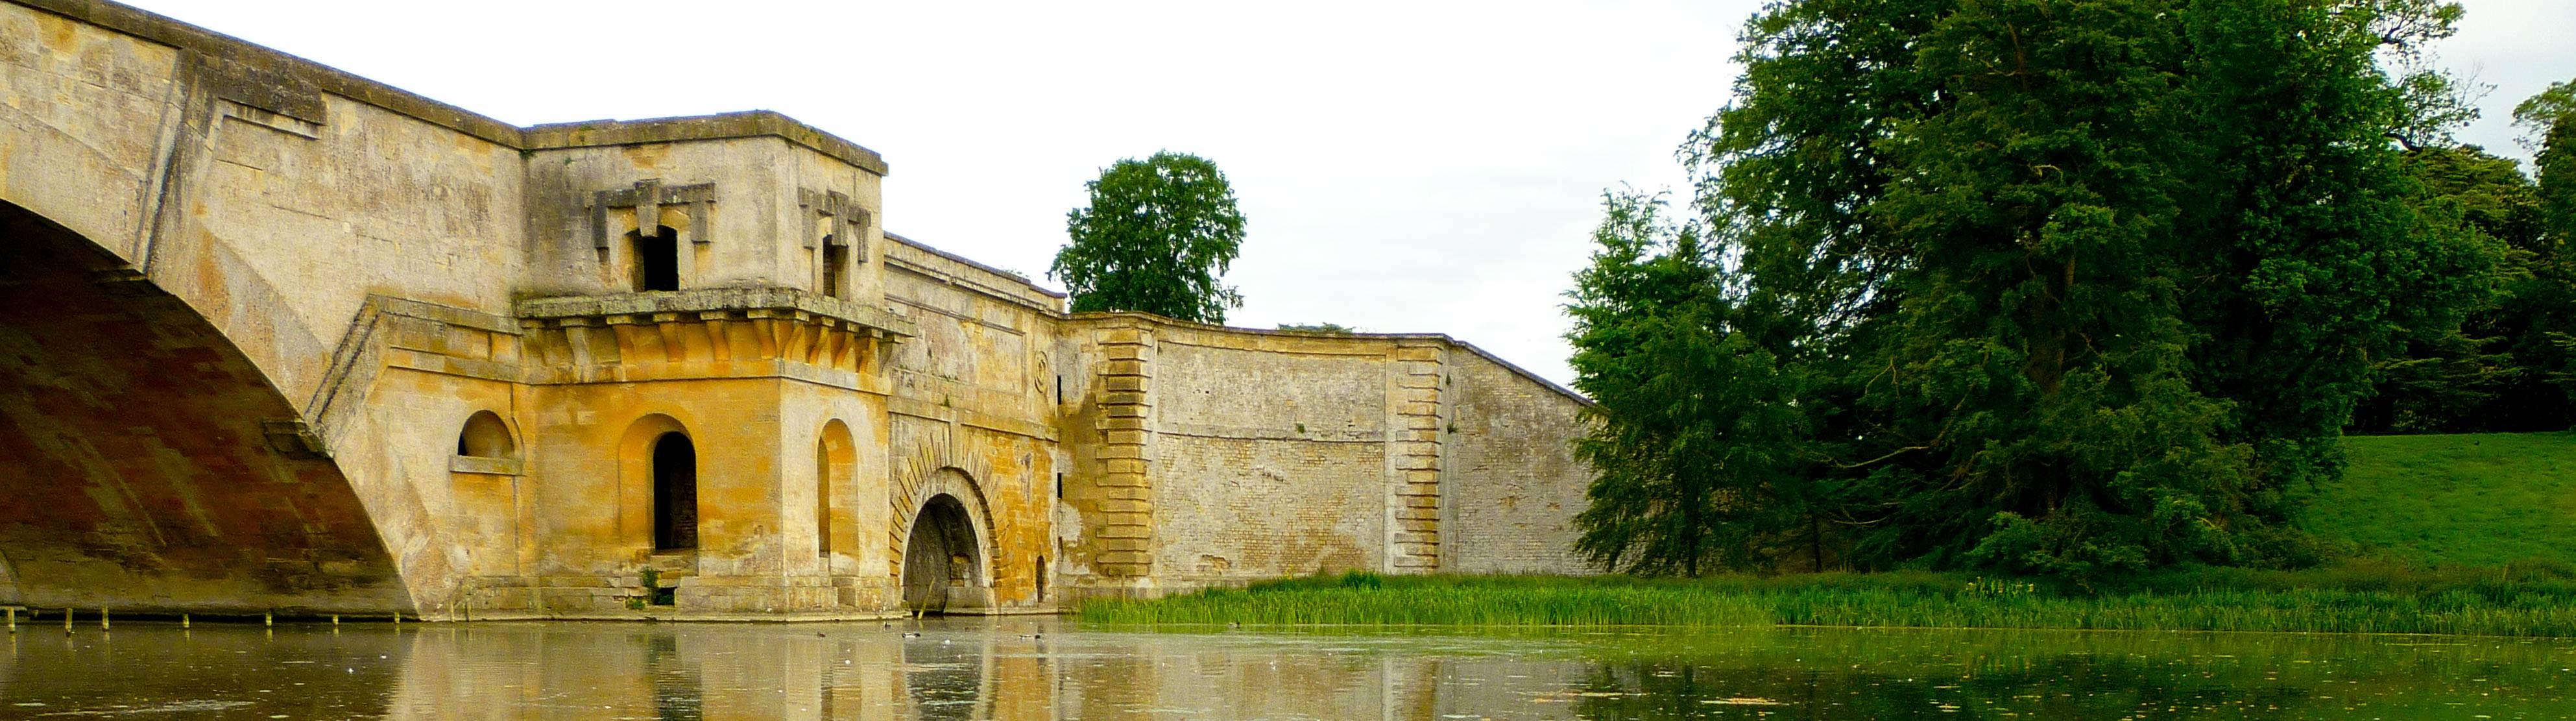 Built Heritage & Historic Landscapes